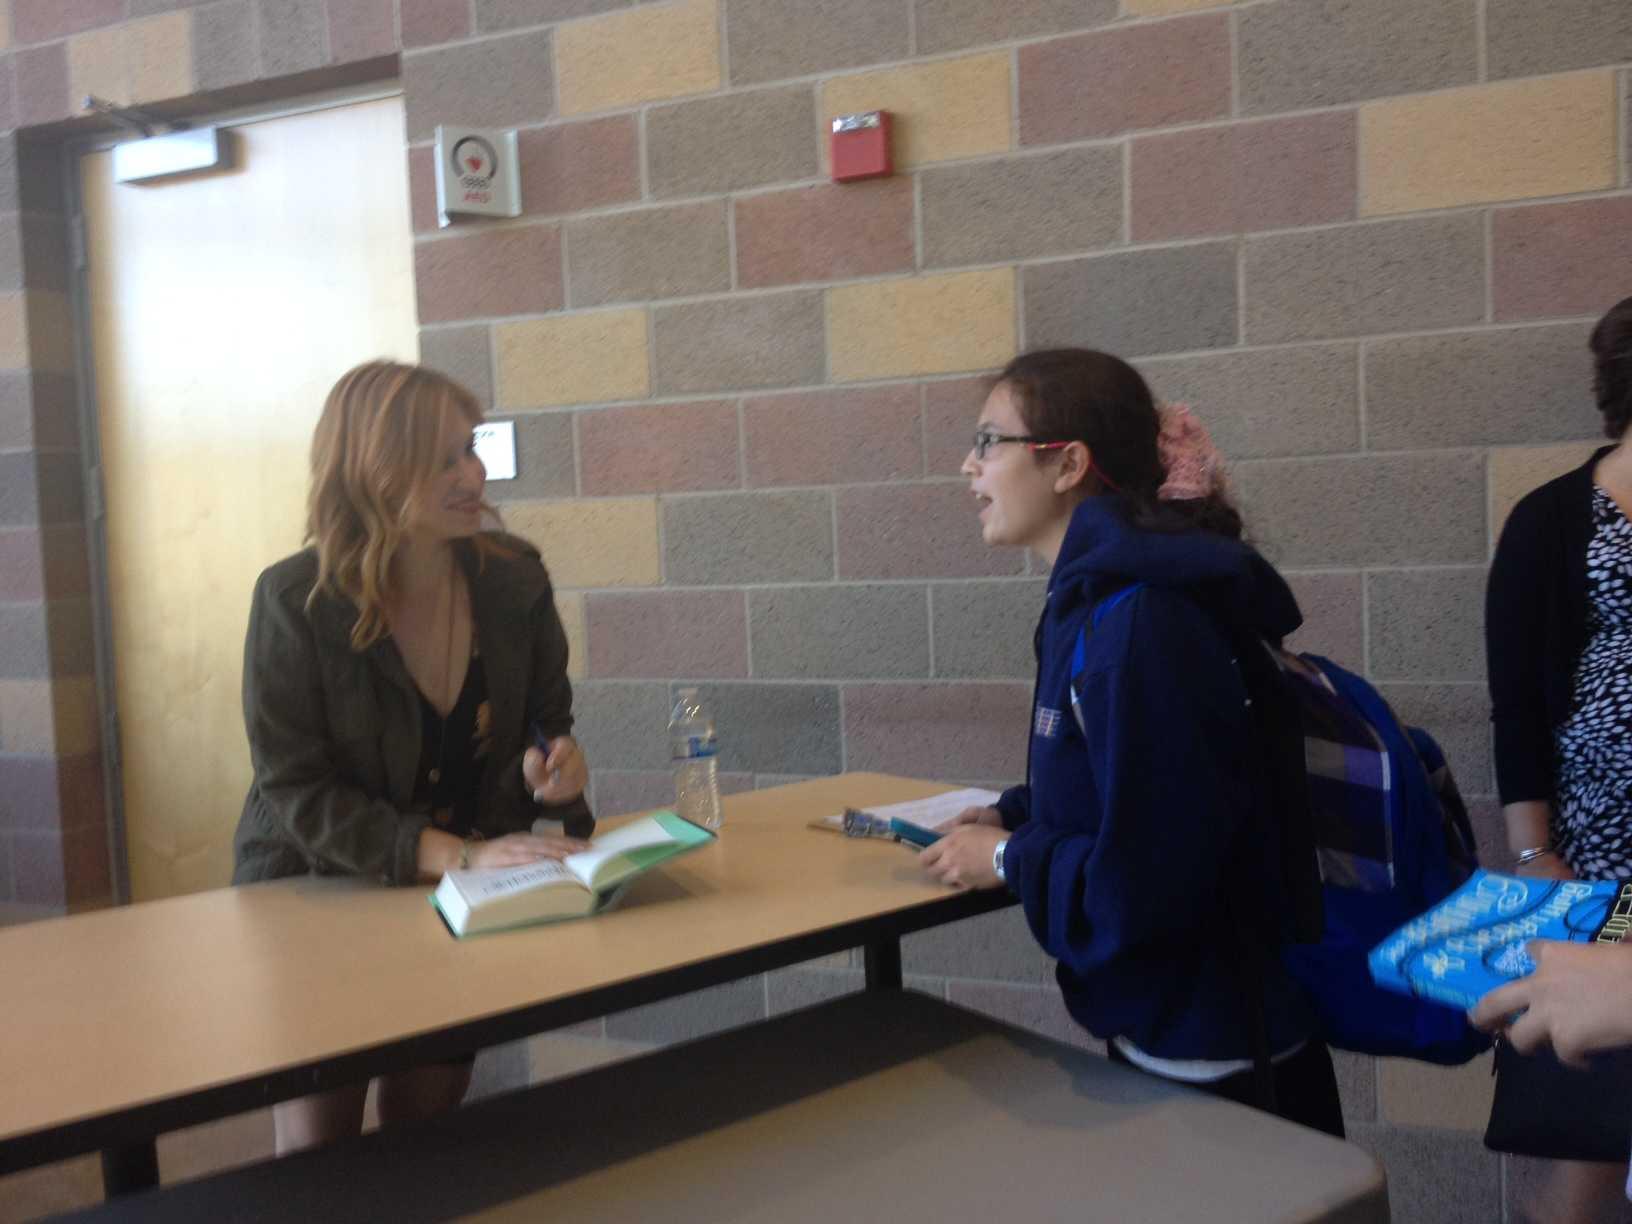 Freshman Alyssa Higdon meets Schneider after the book talk to get Schneider's autograph.